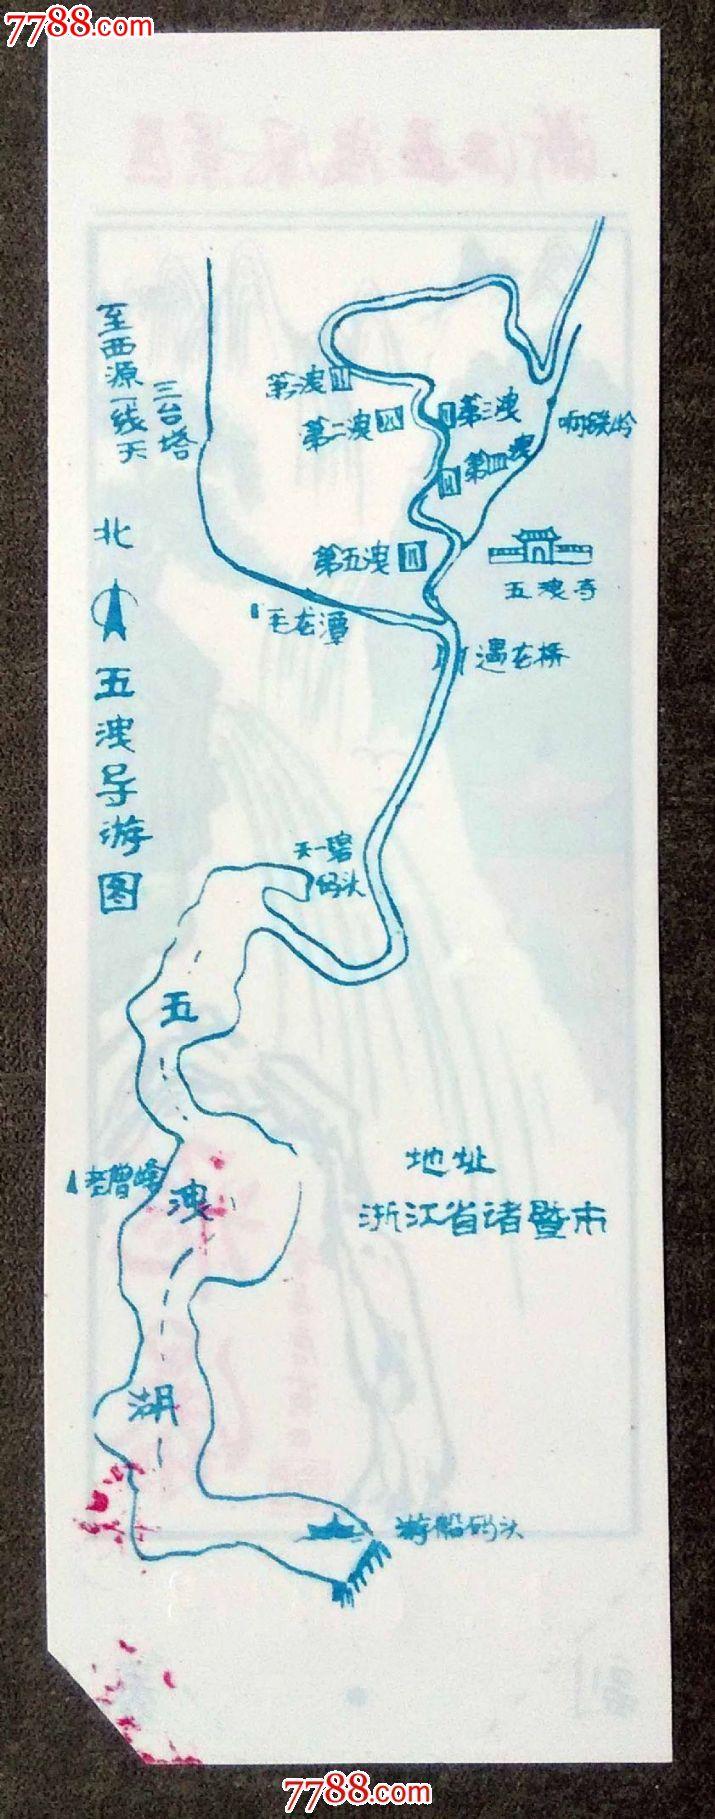 浙江五泄風景區-se52680286-旅游景點門票-零售-7788